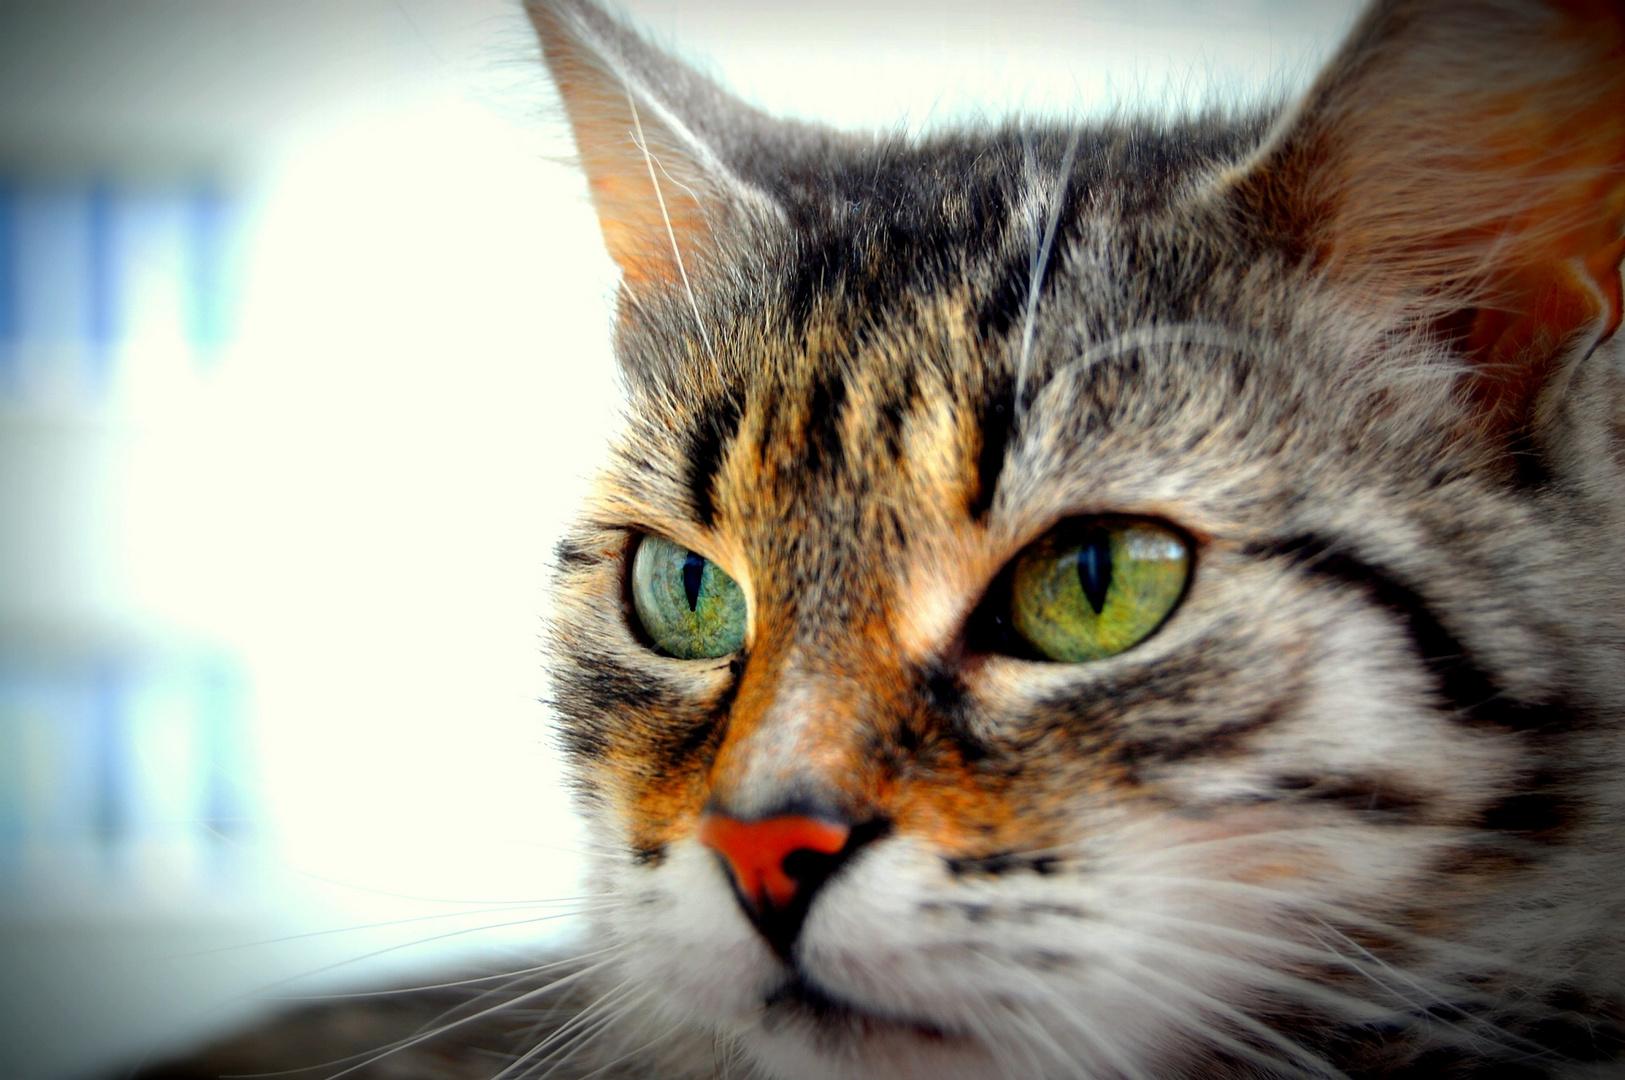 Mein Katzerl